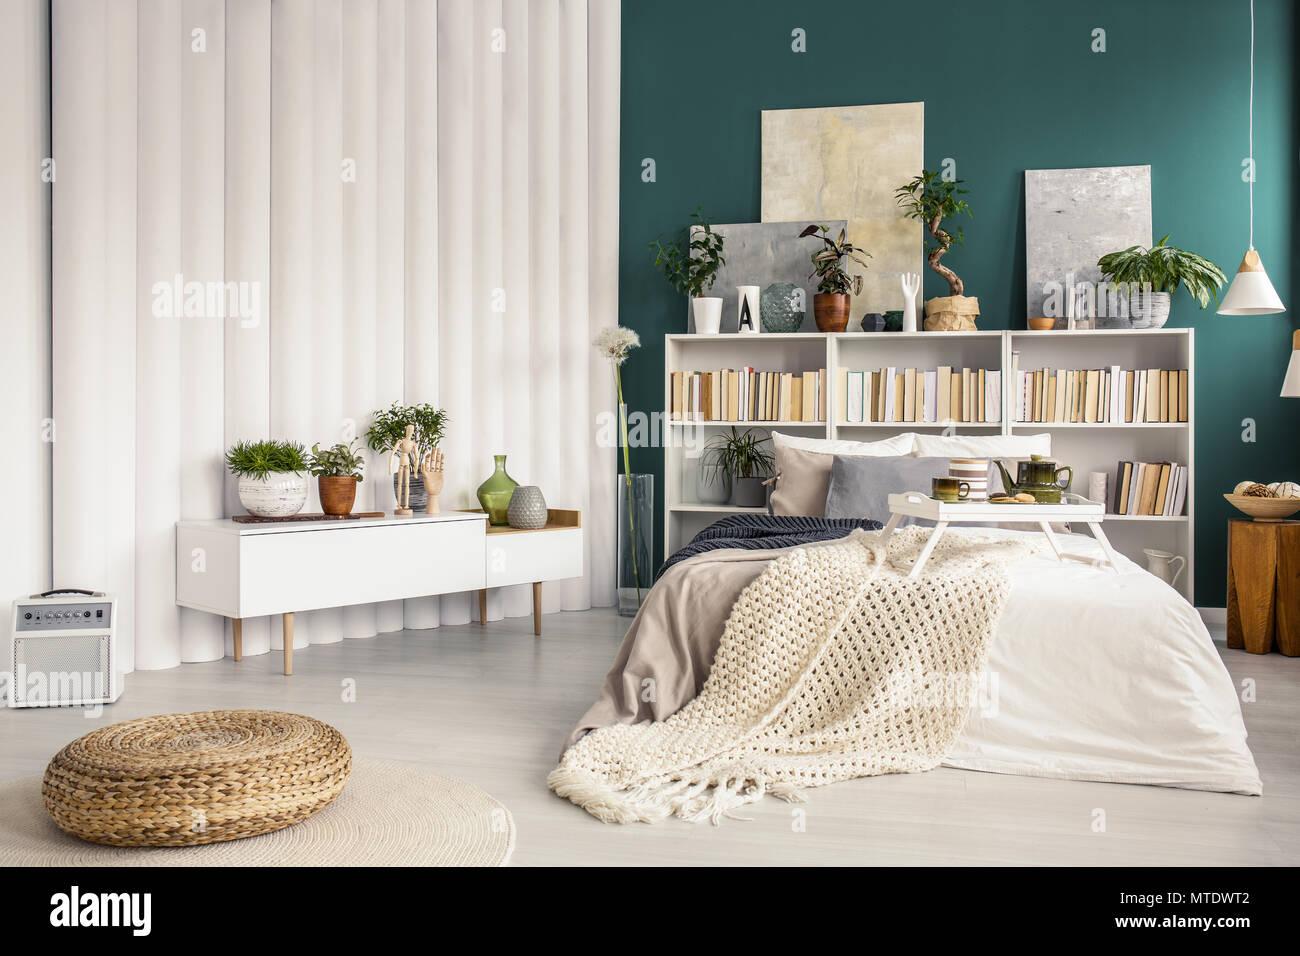 Modernes Schlafzimmer Innenraum mit Topfpflanzen, türkis ...